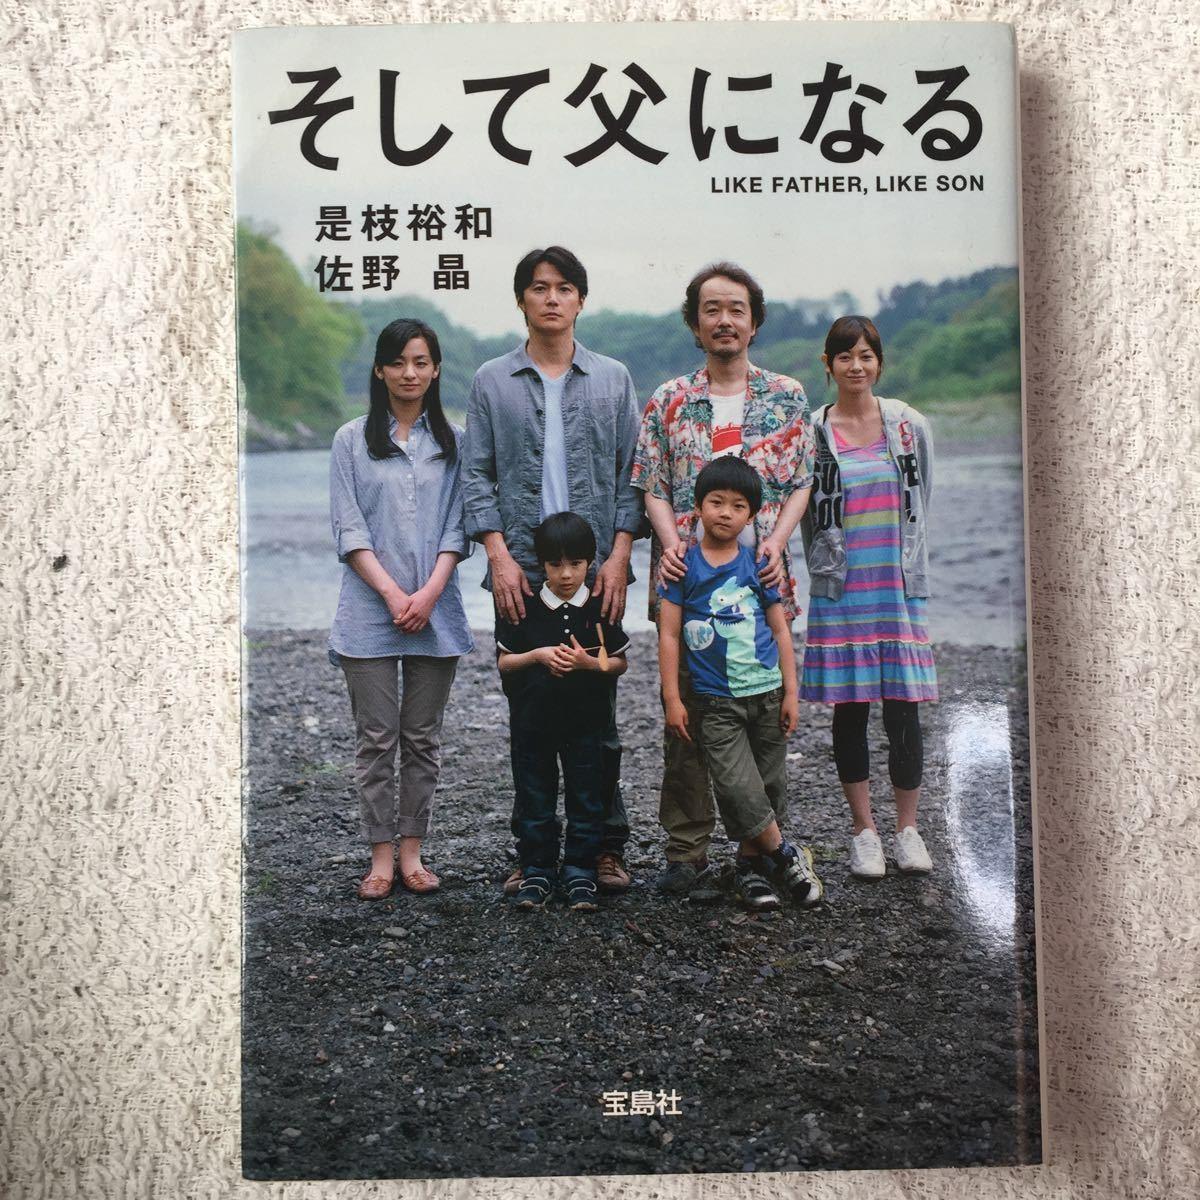 そして父になる【映画ノベライズ】 (宝島社文庫) 是枝 裕和 佐野 晶 9784800215154_画像1